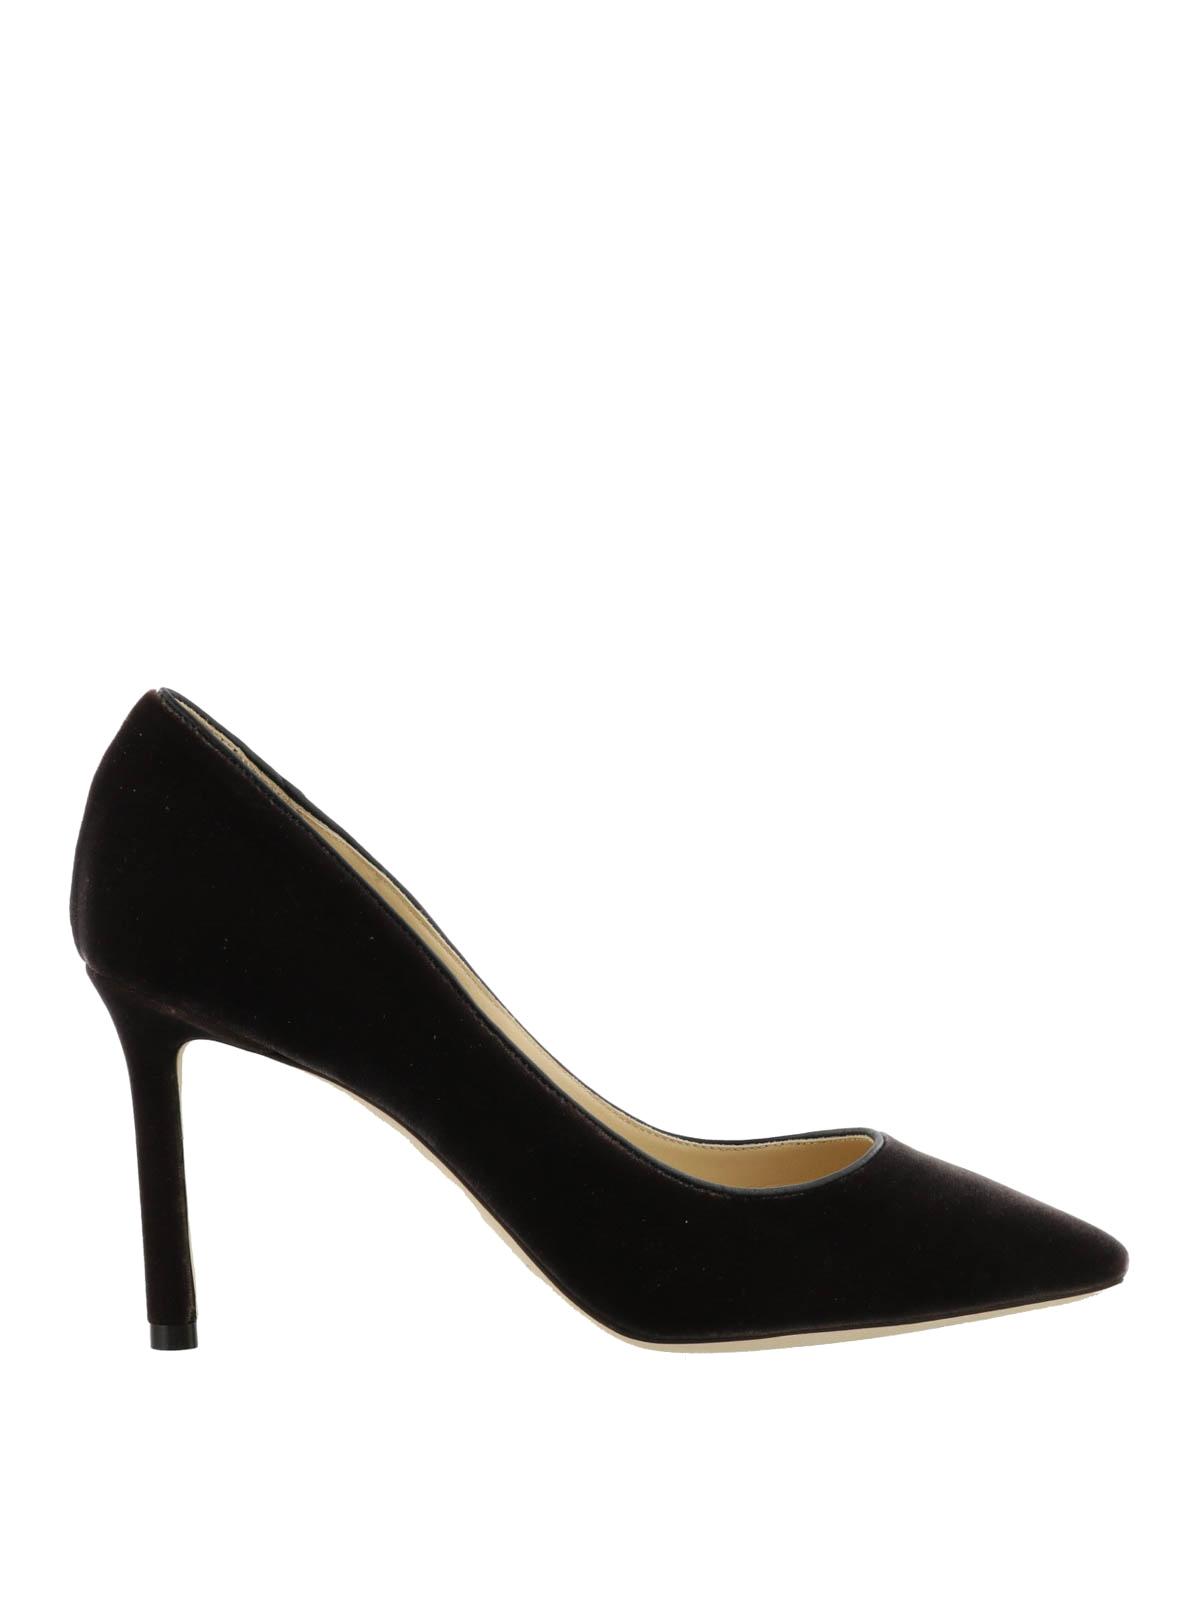 b8fb89b18c99 Jimmy Choo - Romy black velvet pumps - court shoes - ROMY 85 VEL ...